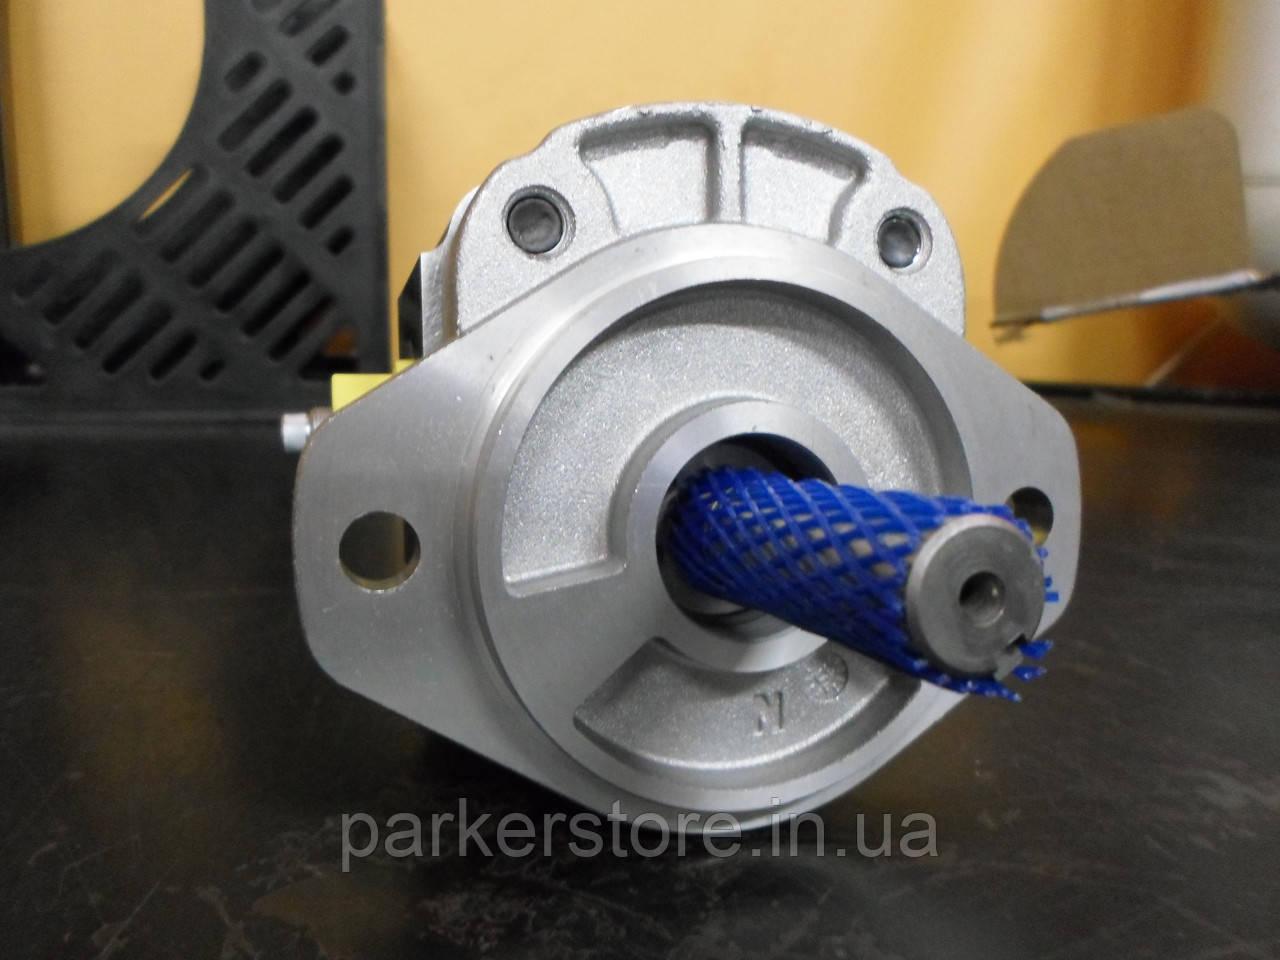 Гидравлический насос Parker 3339111290